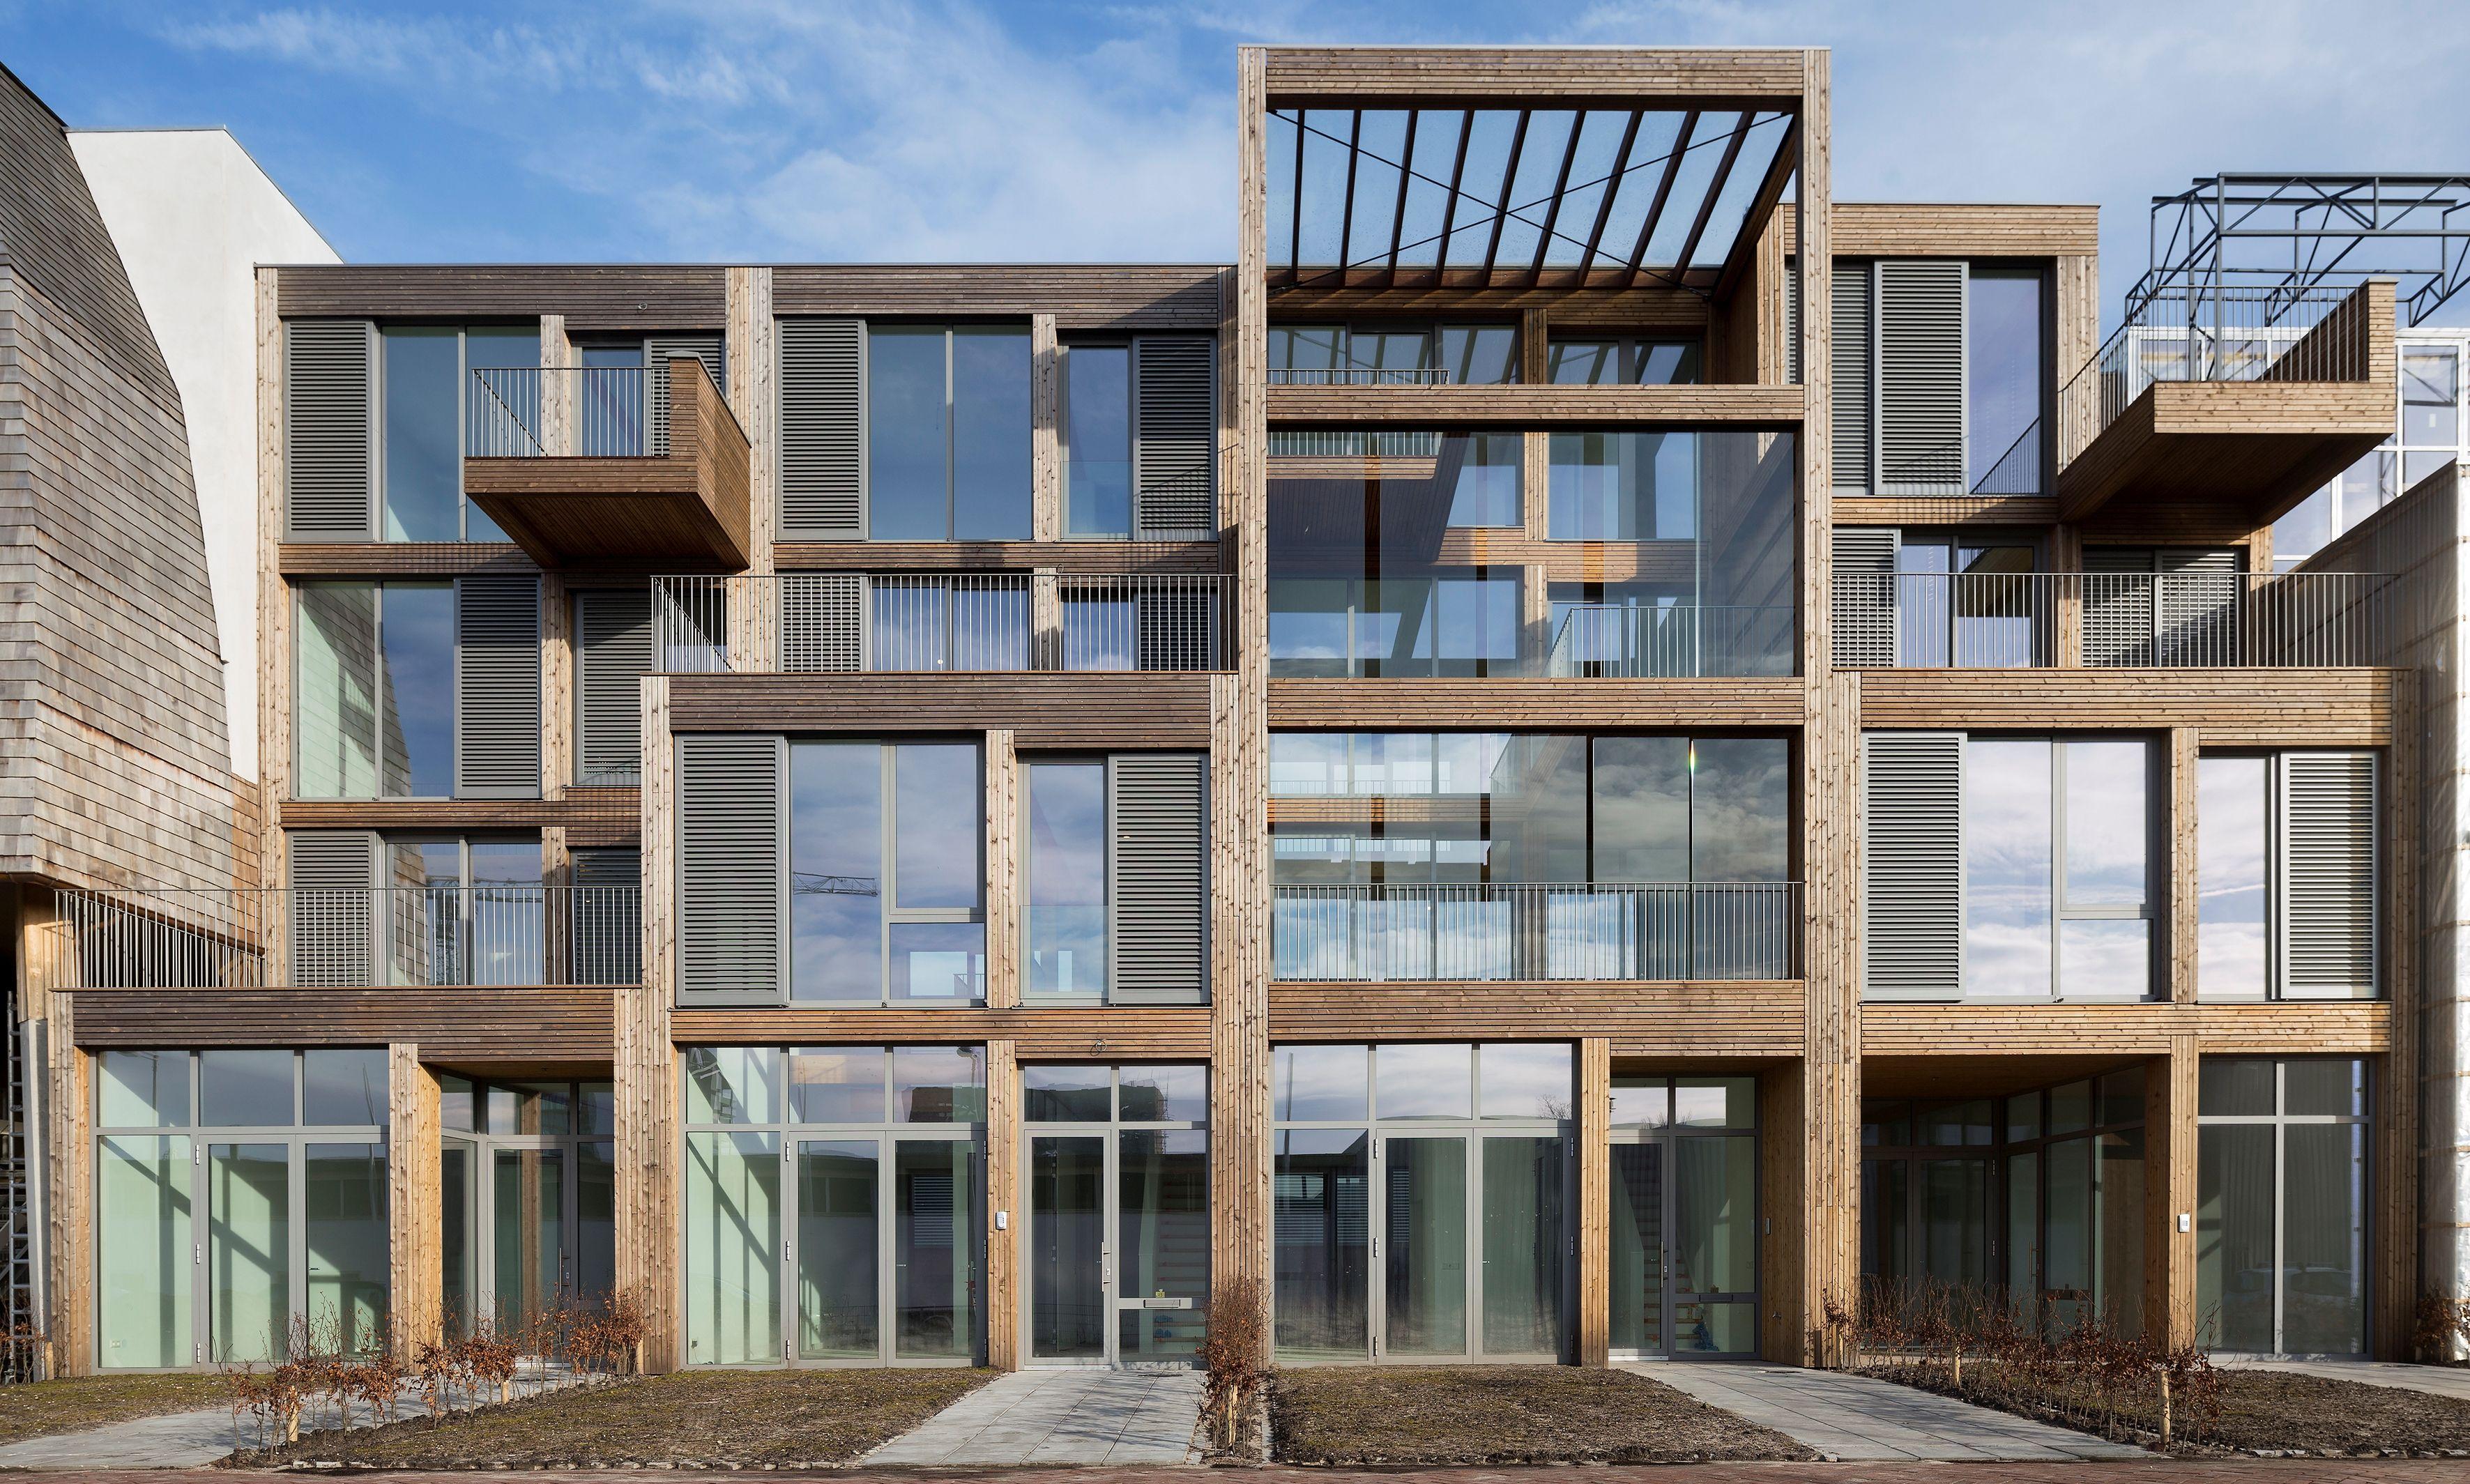 De vier woningen hebben dezelfde constructieve opzet en gevelafwerking, maar zijn toch totaal verschillend van elkaar.